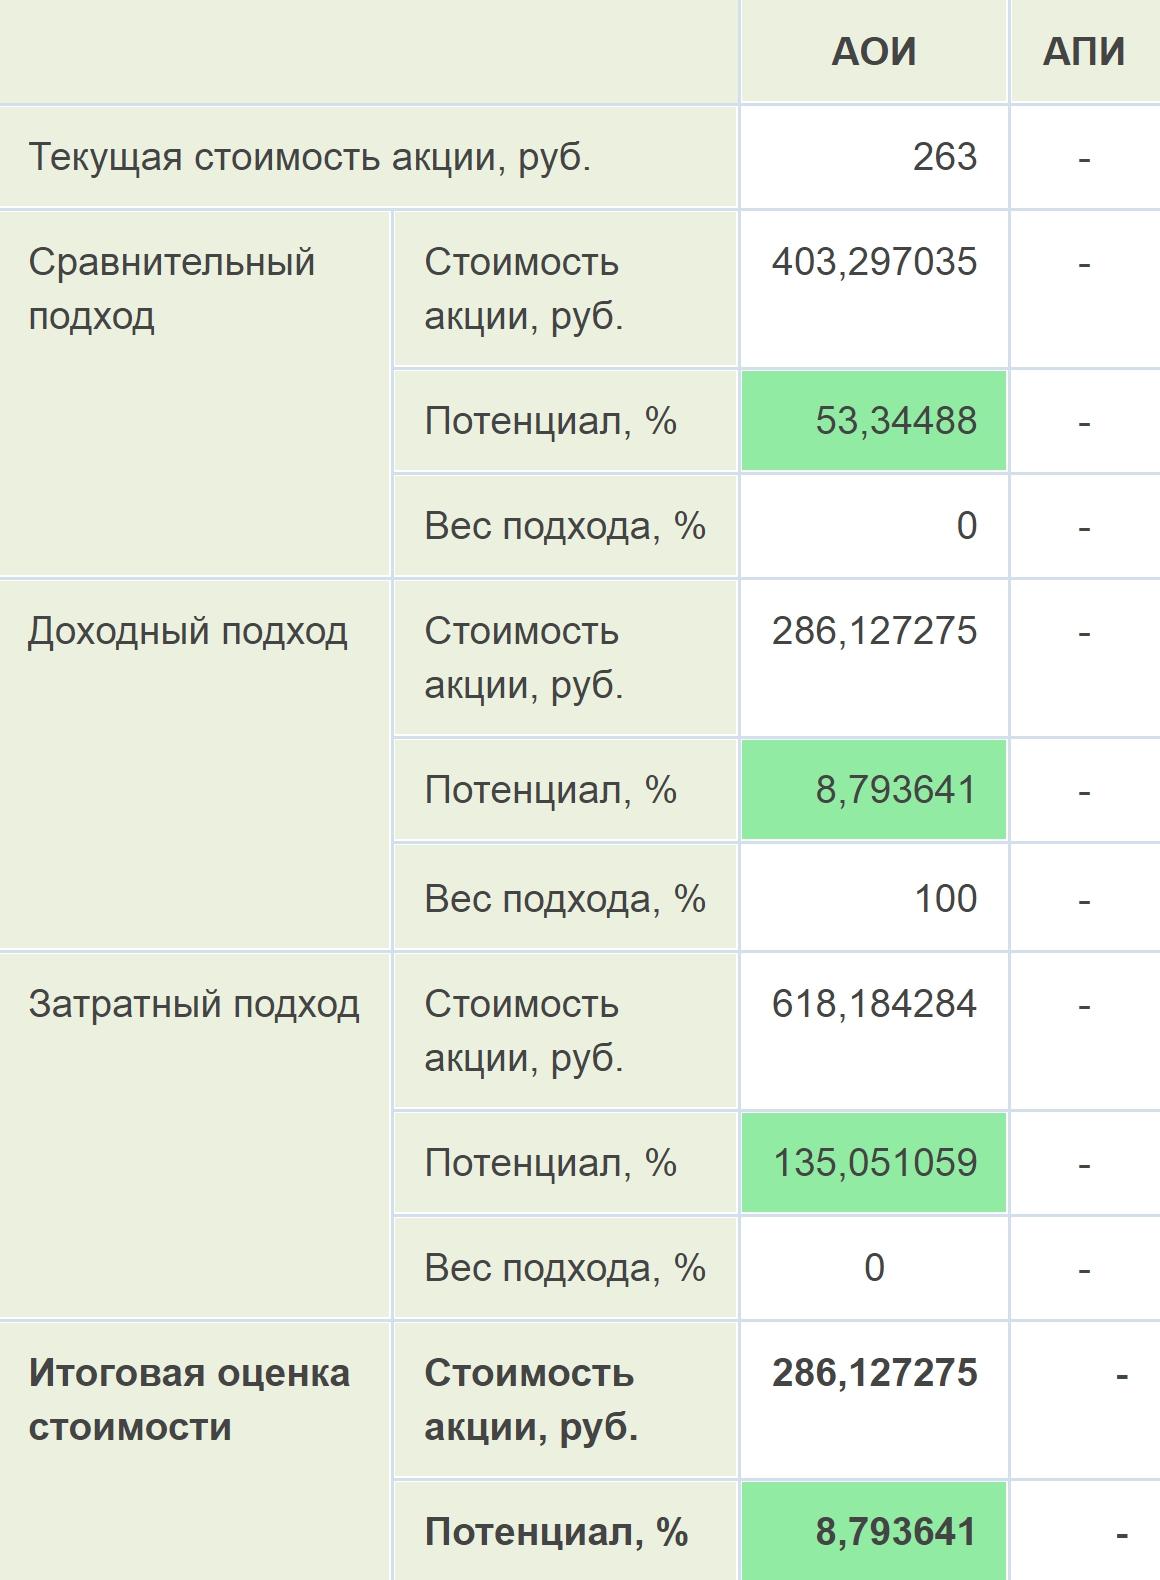 На «Кономи» я смотрю оценки потенциала роста отдельных бумаг. Специалисты сервиса считают справедливую стоимость акций компании, применяя разные подходы. Вот, например, расчет справедливой стоимости акций «Газпрома»